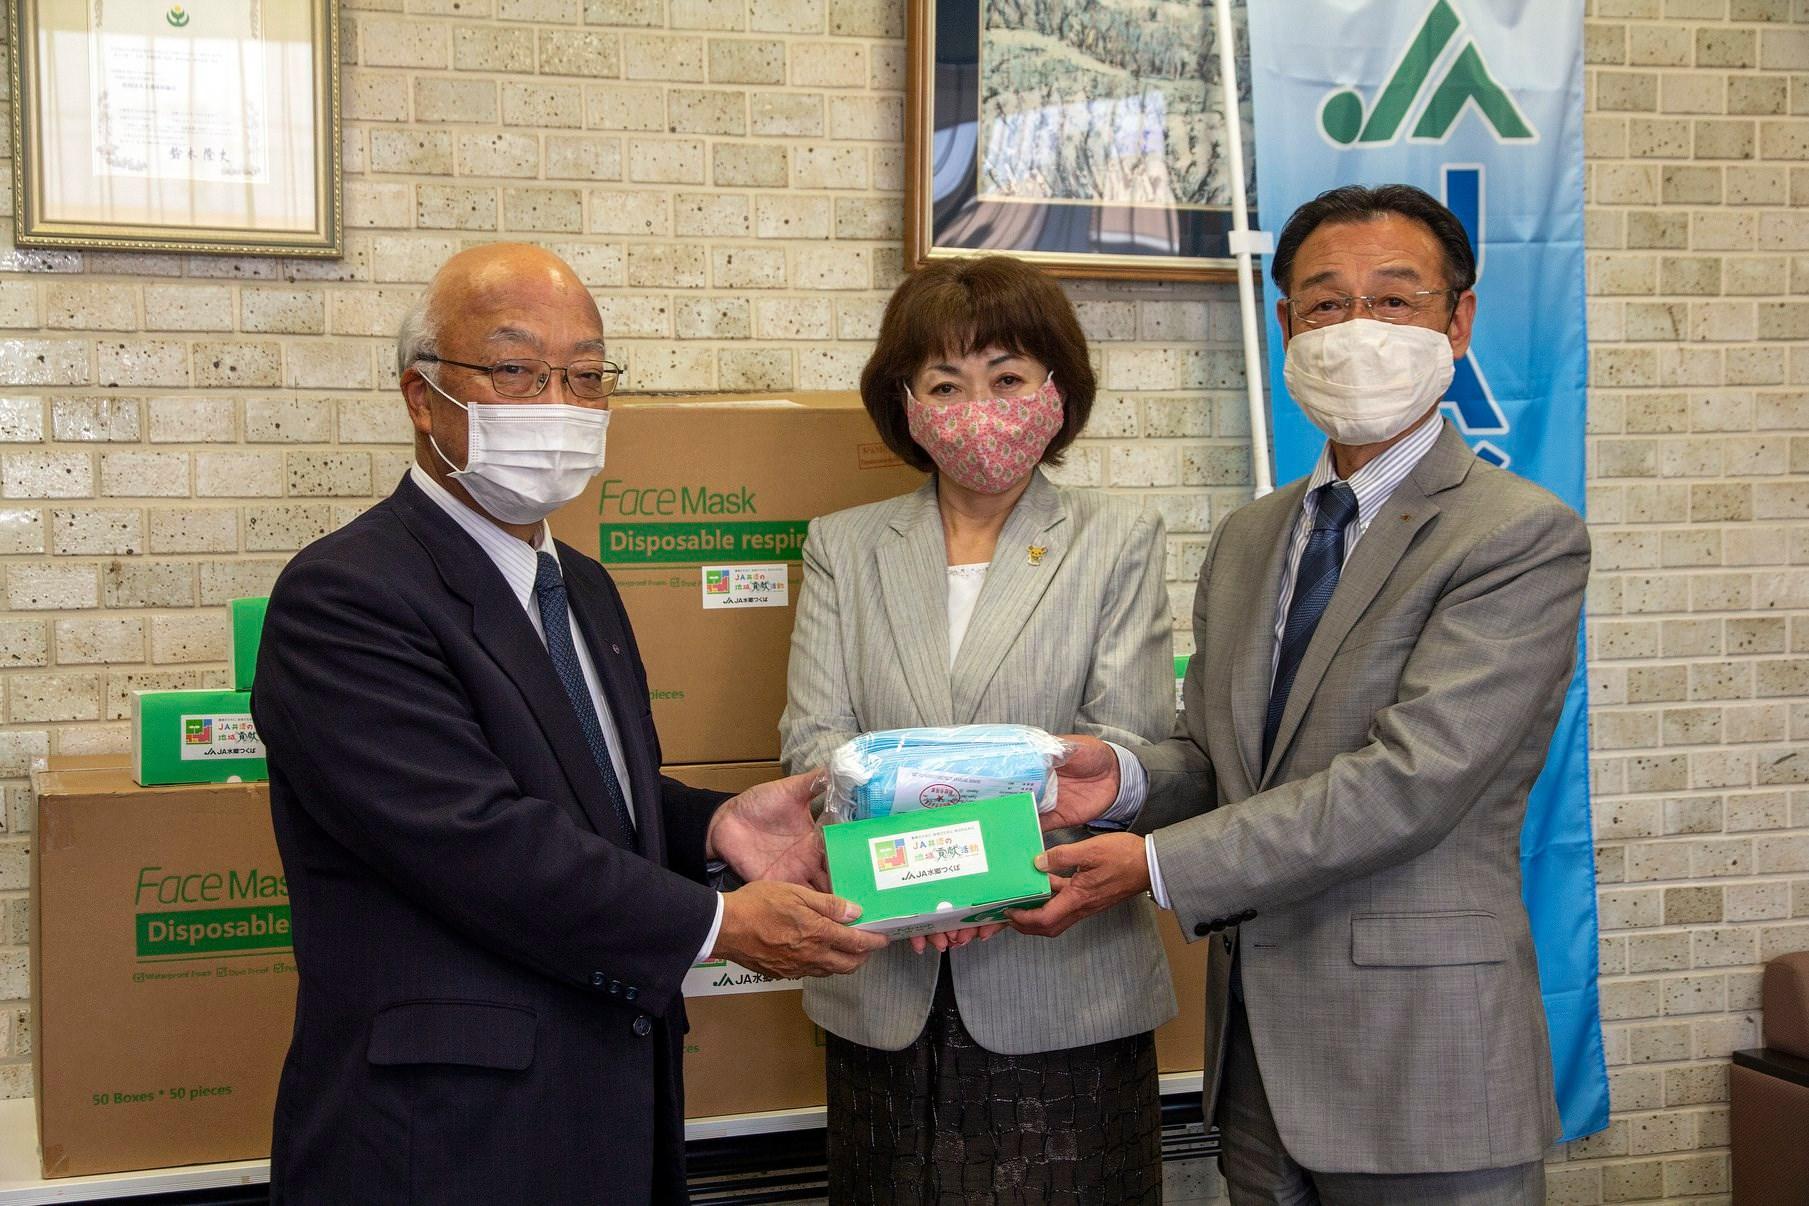 ご寄付いただいたマスク20,000枚をお配りしましたpage-visual ご寄付いただいたマスク20,000枚をお配りしましたビジュアル